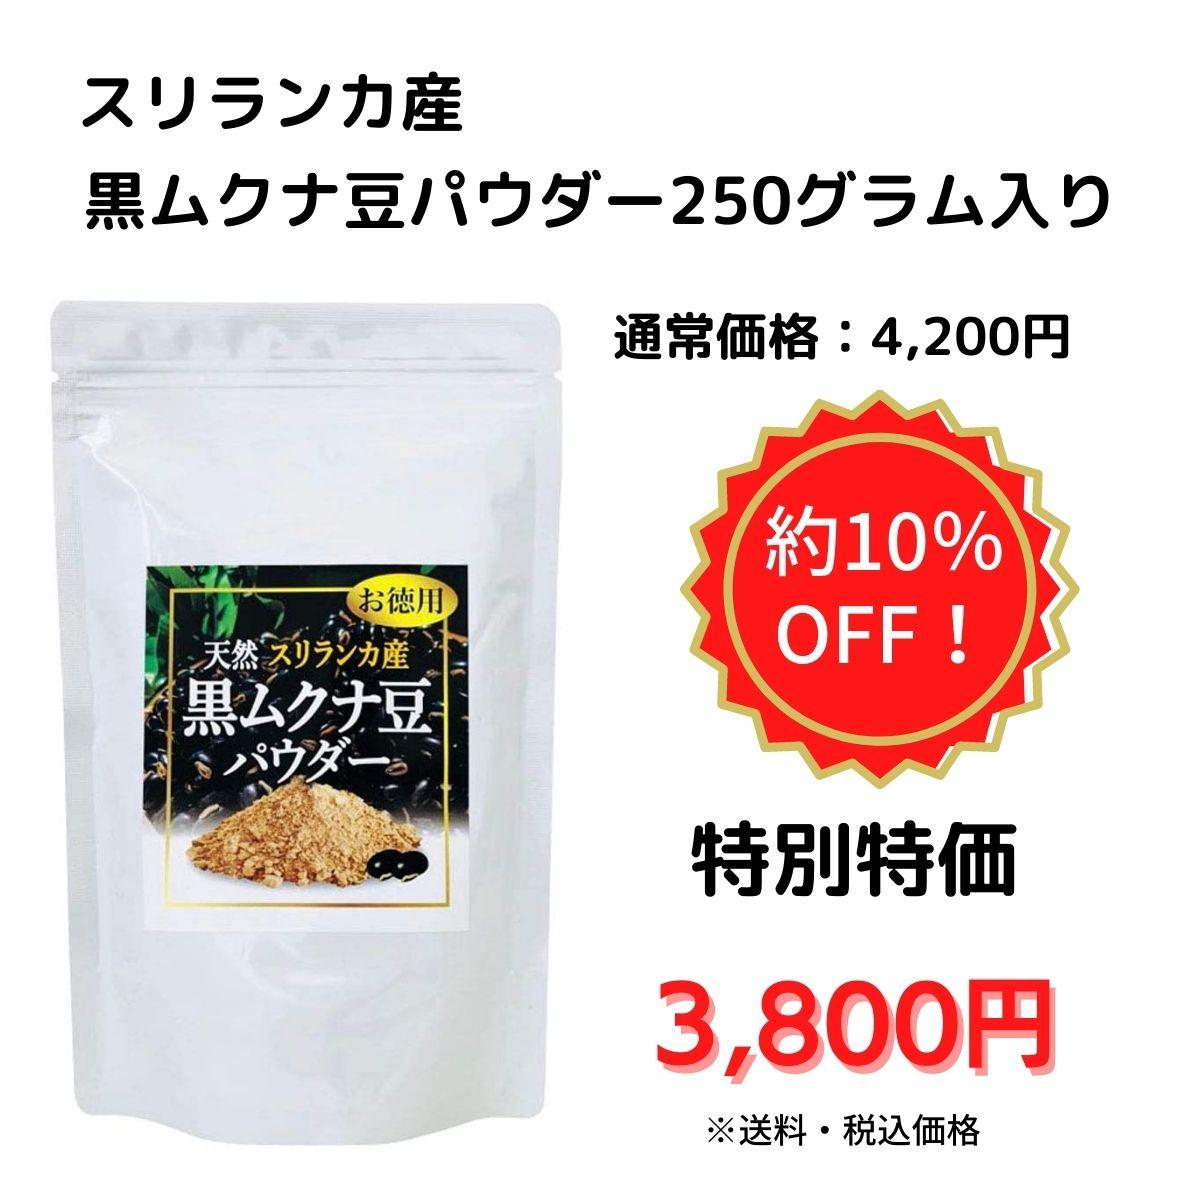 定期購入黒ムクナ豆パウダー250グラム